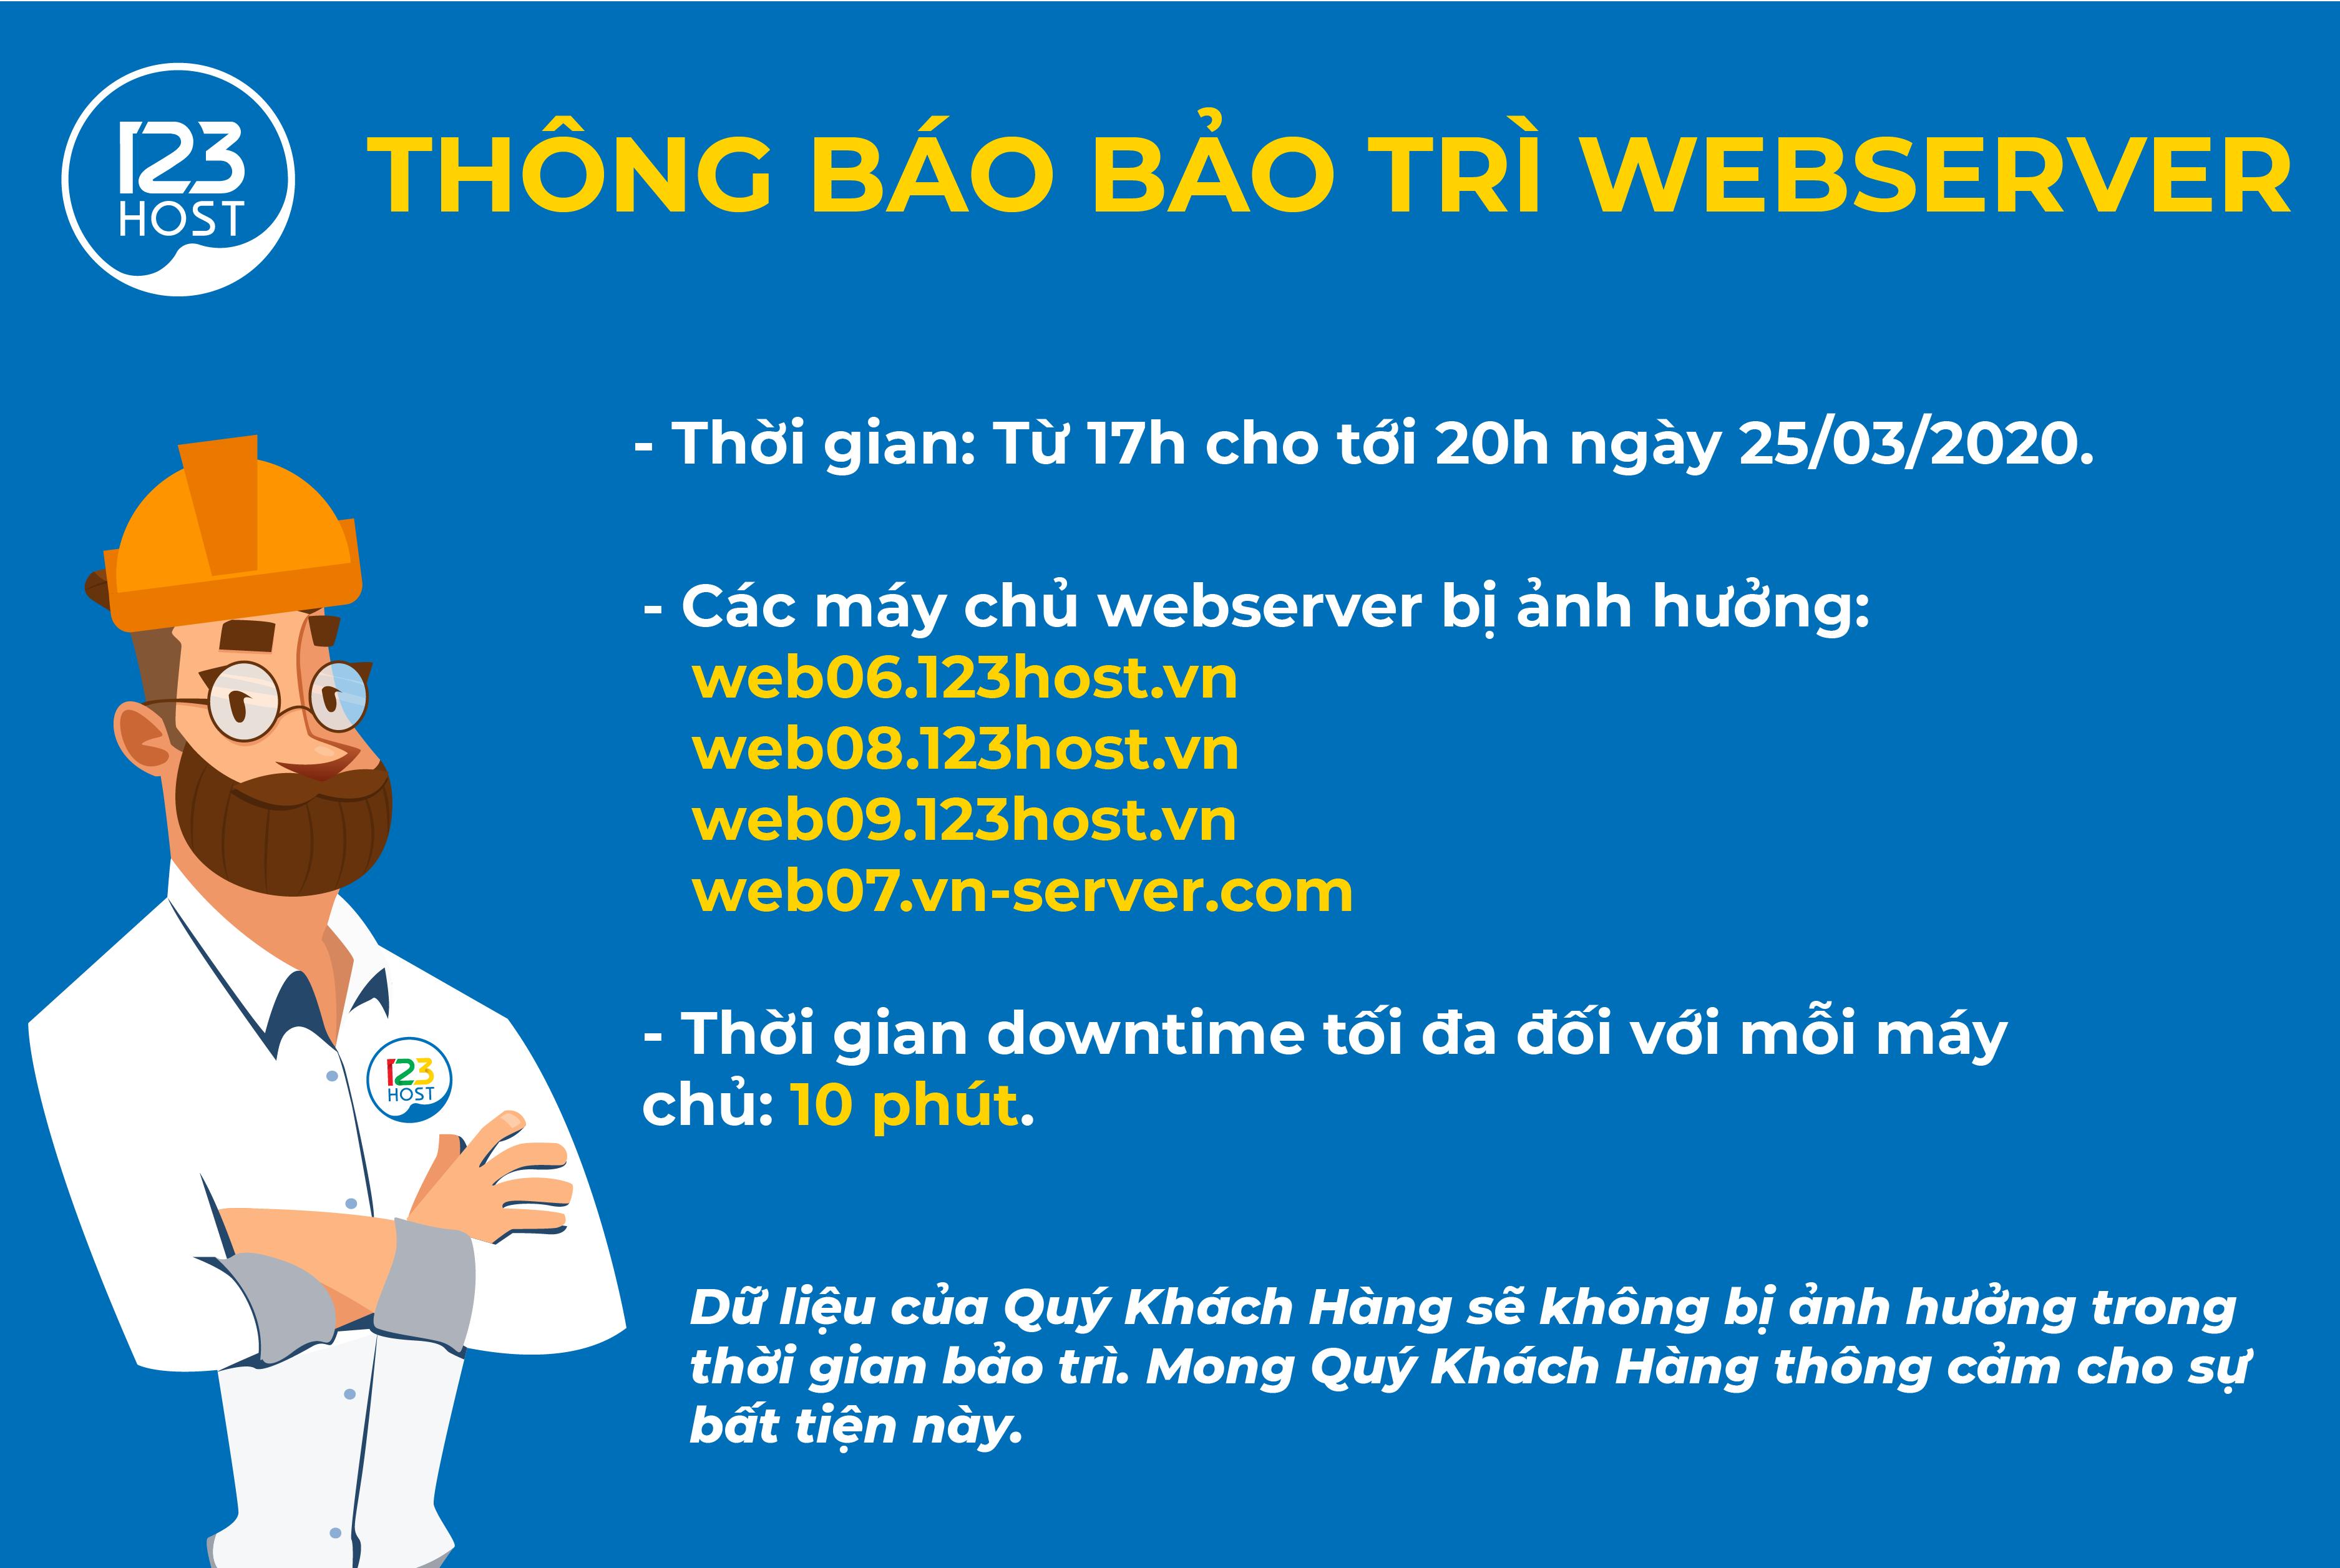 THÔNG BÁO BẢO TRÌ WEBSERVER